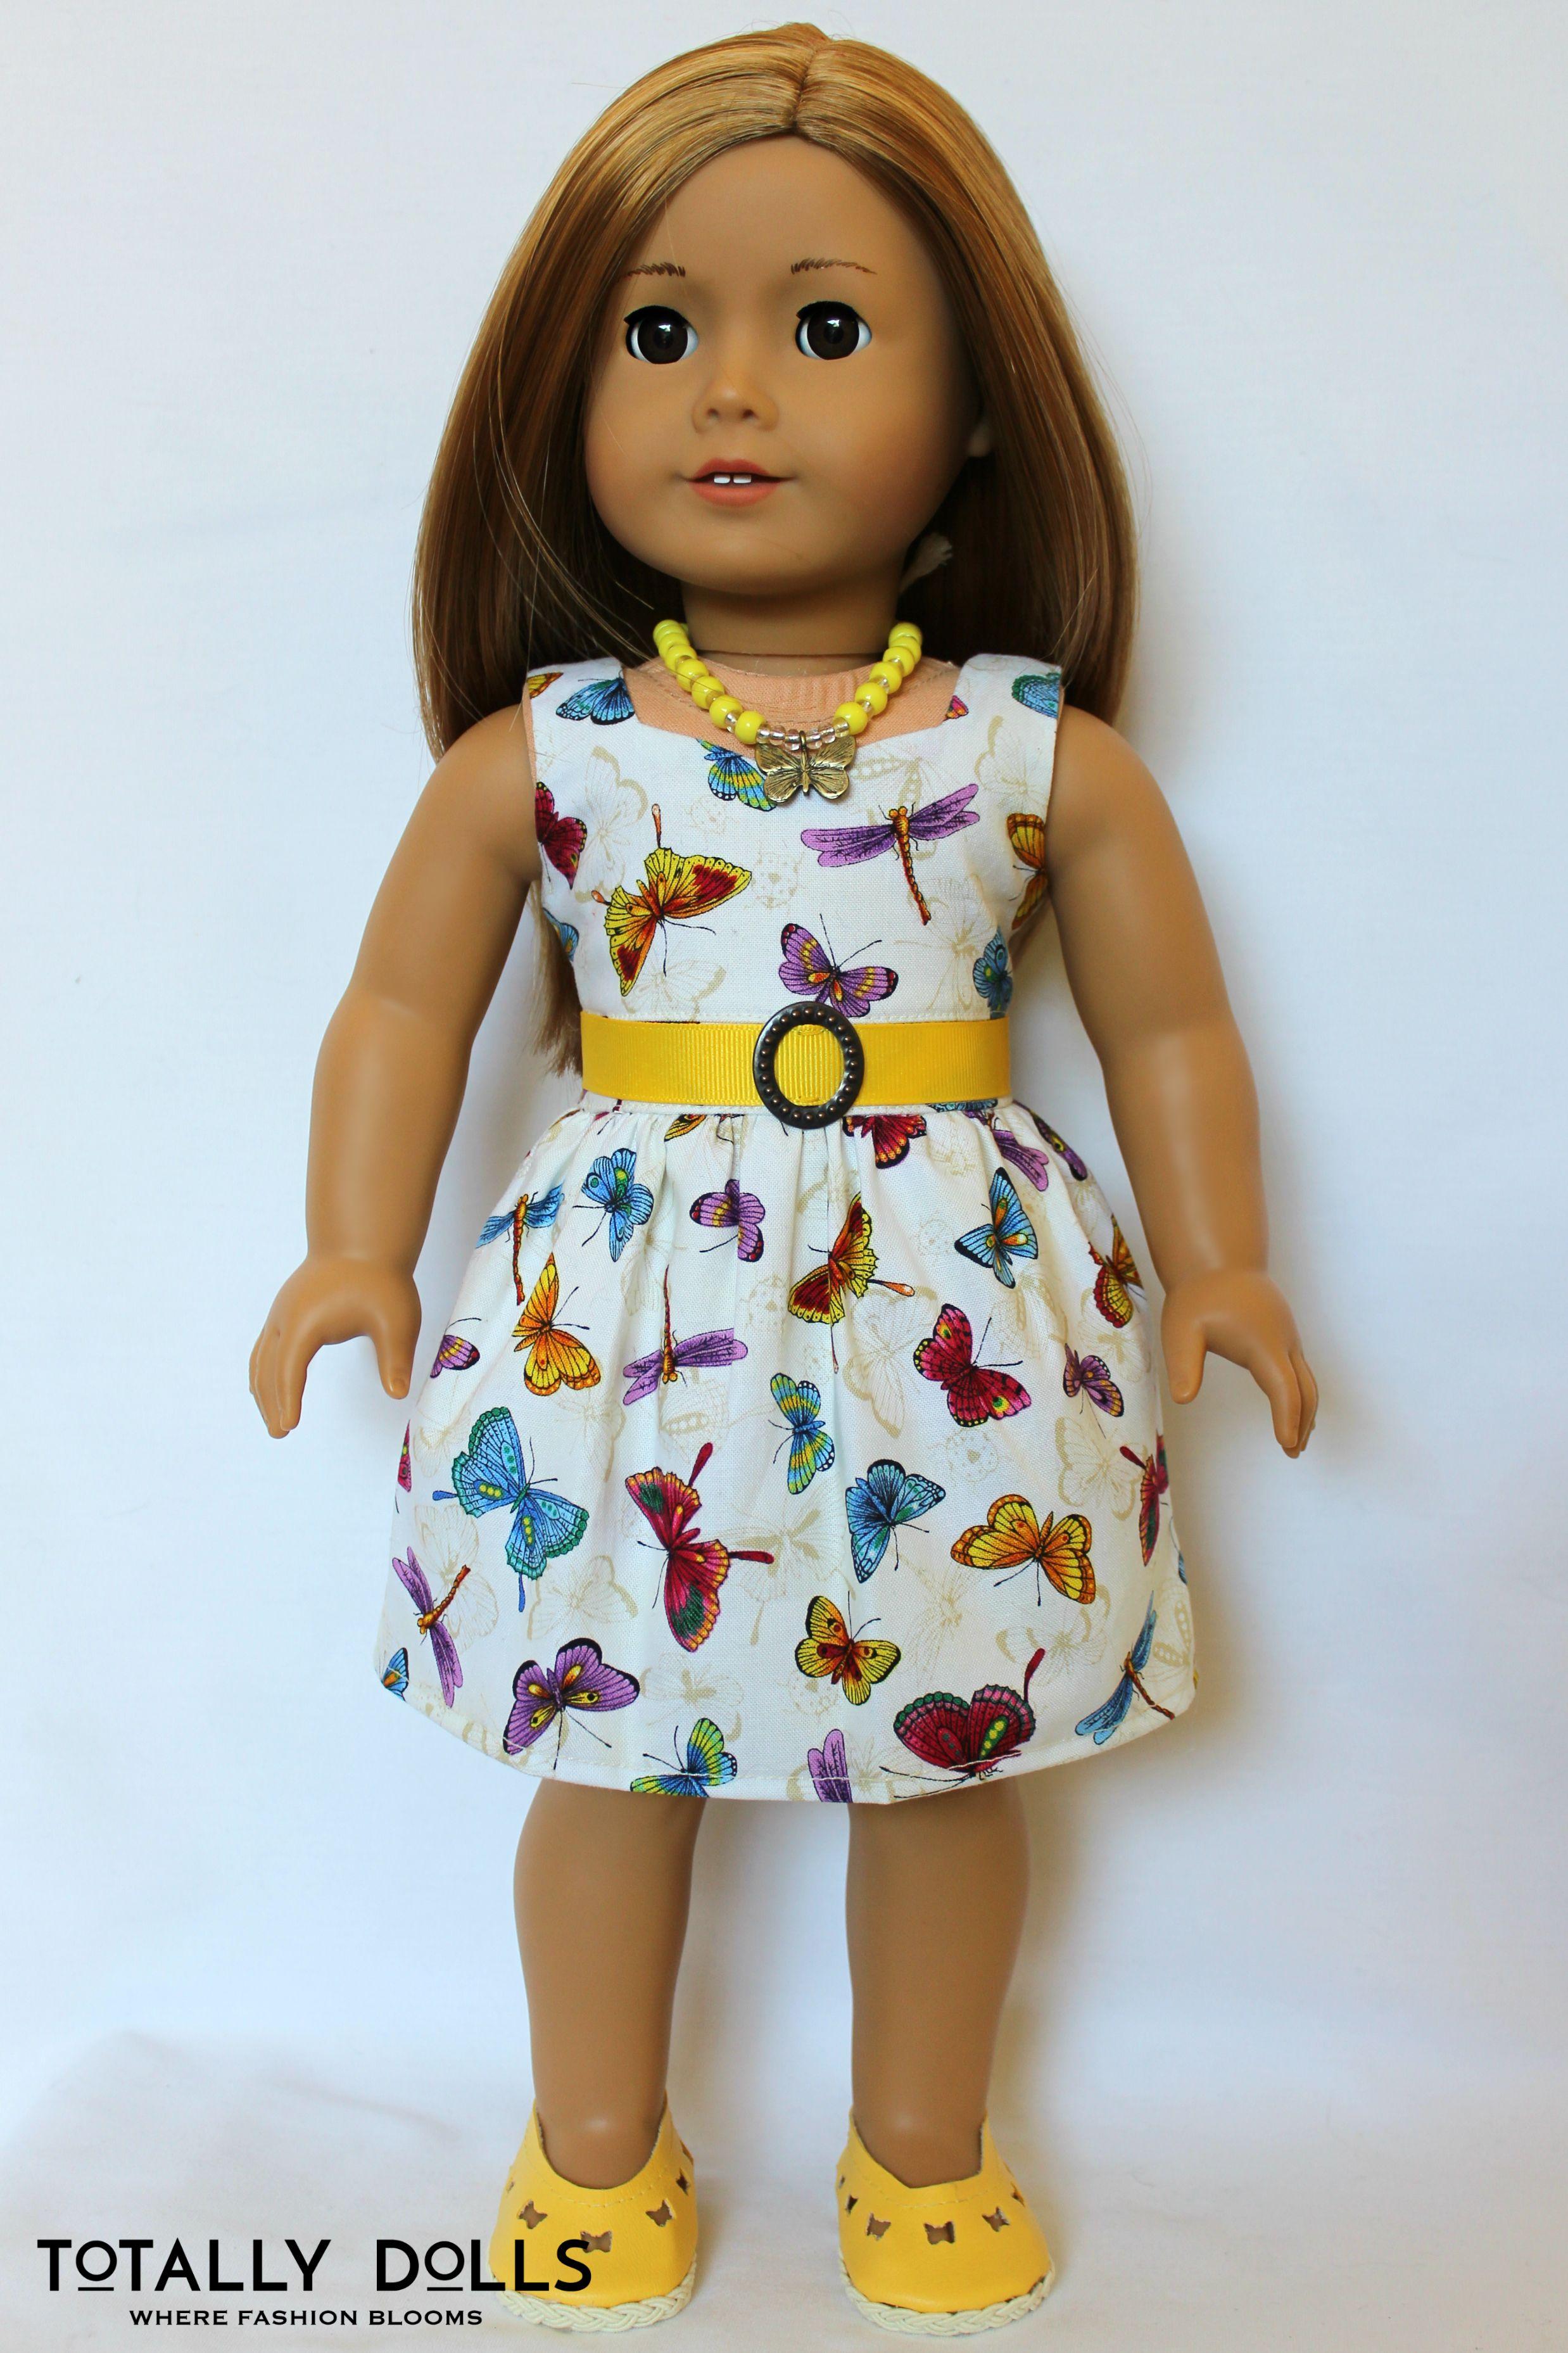 AG Dolls 18 Inch Doll Tights Fits American Girl Dolls